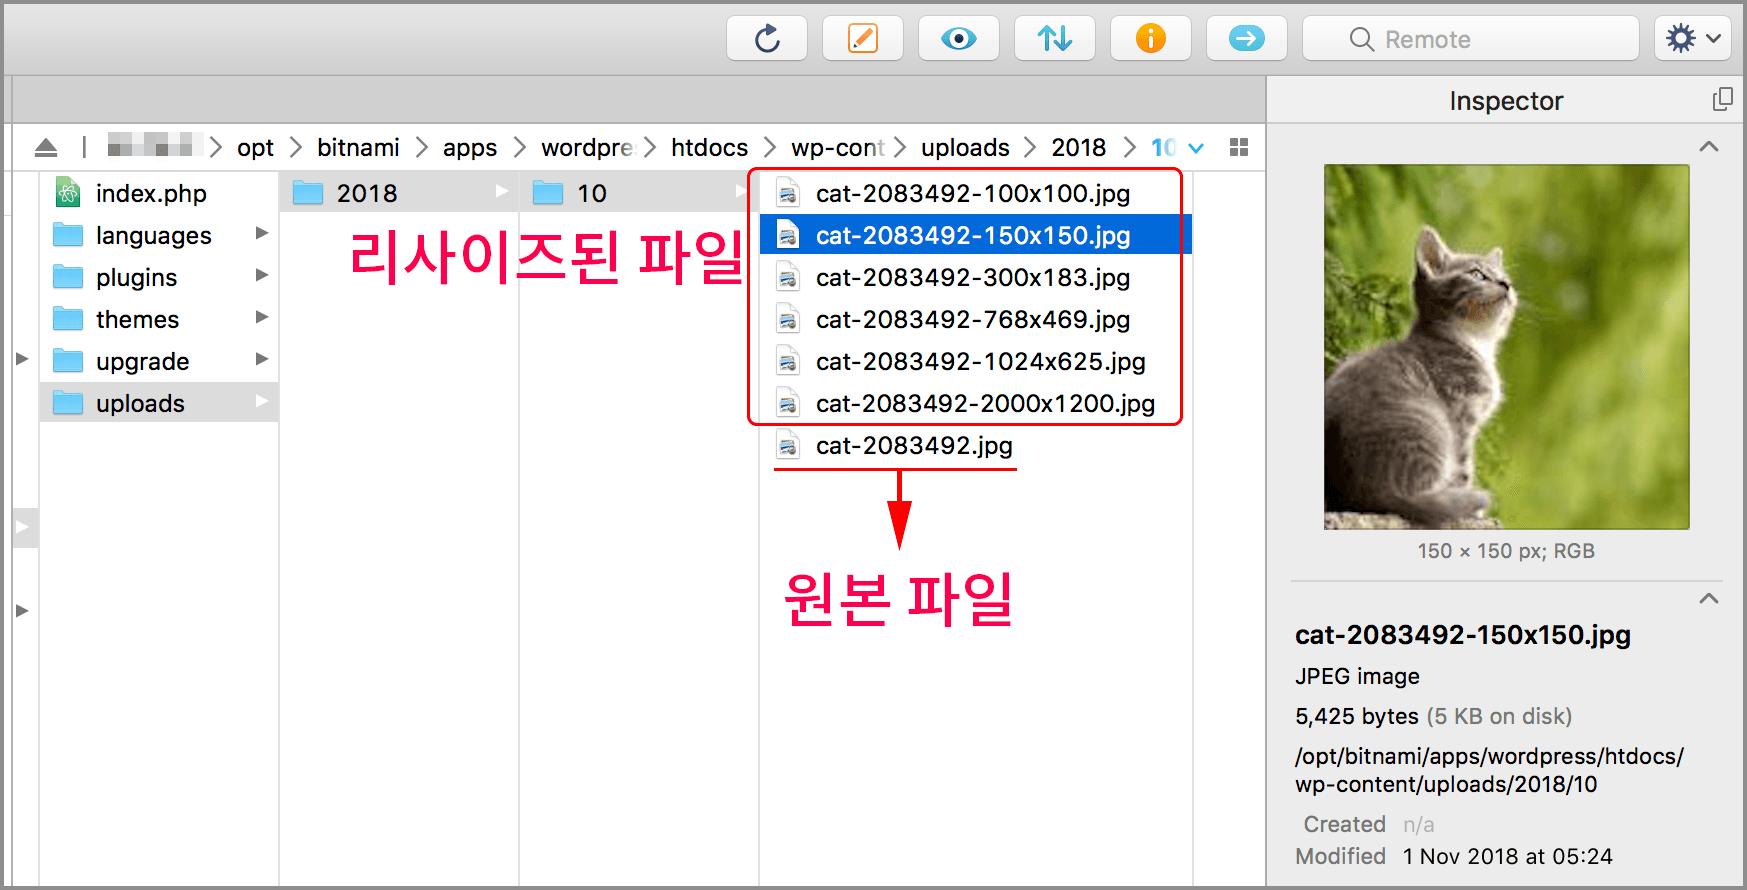 원본파일과 리사이징된 모든 이미지 파일들이 있다. 파일이름은 '원본파일이름-가로x세로.jpg' 같은 이름으로 지어진다